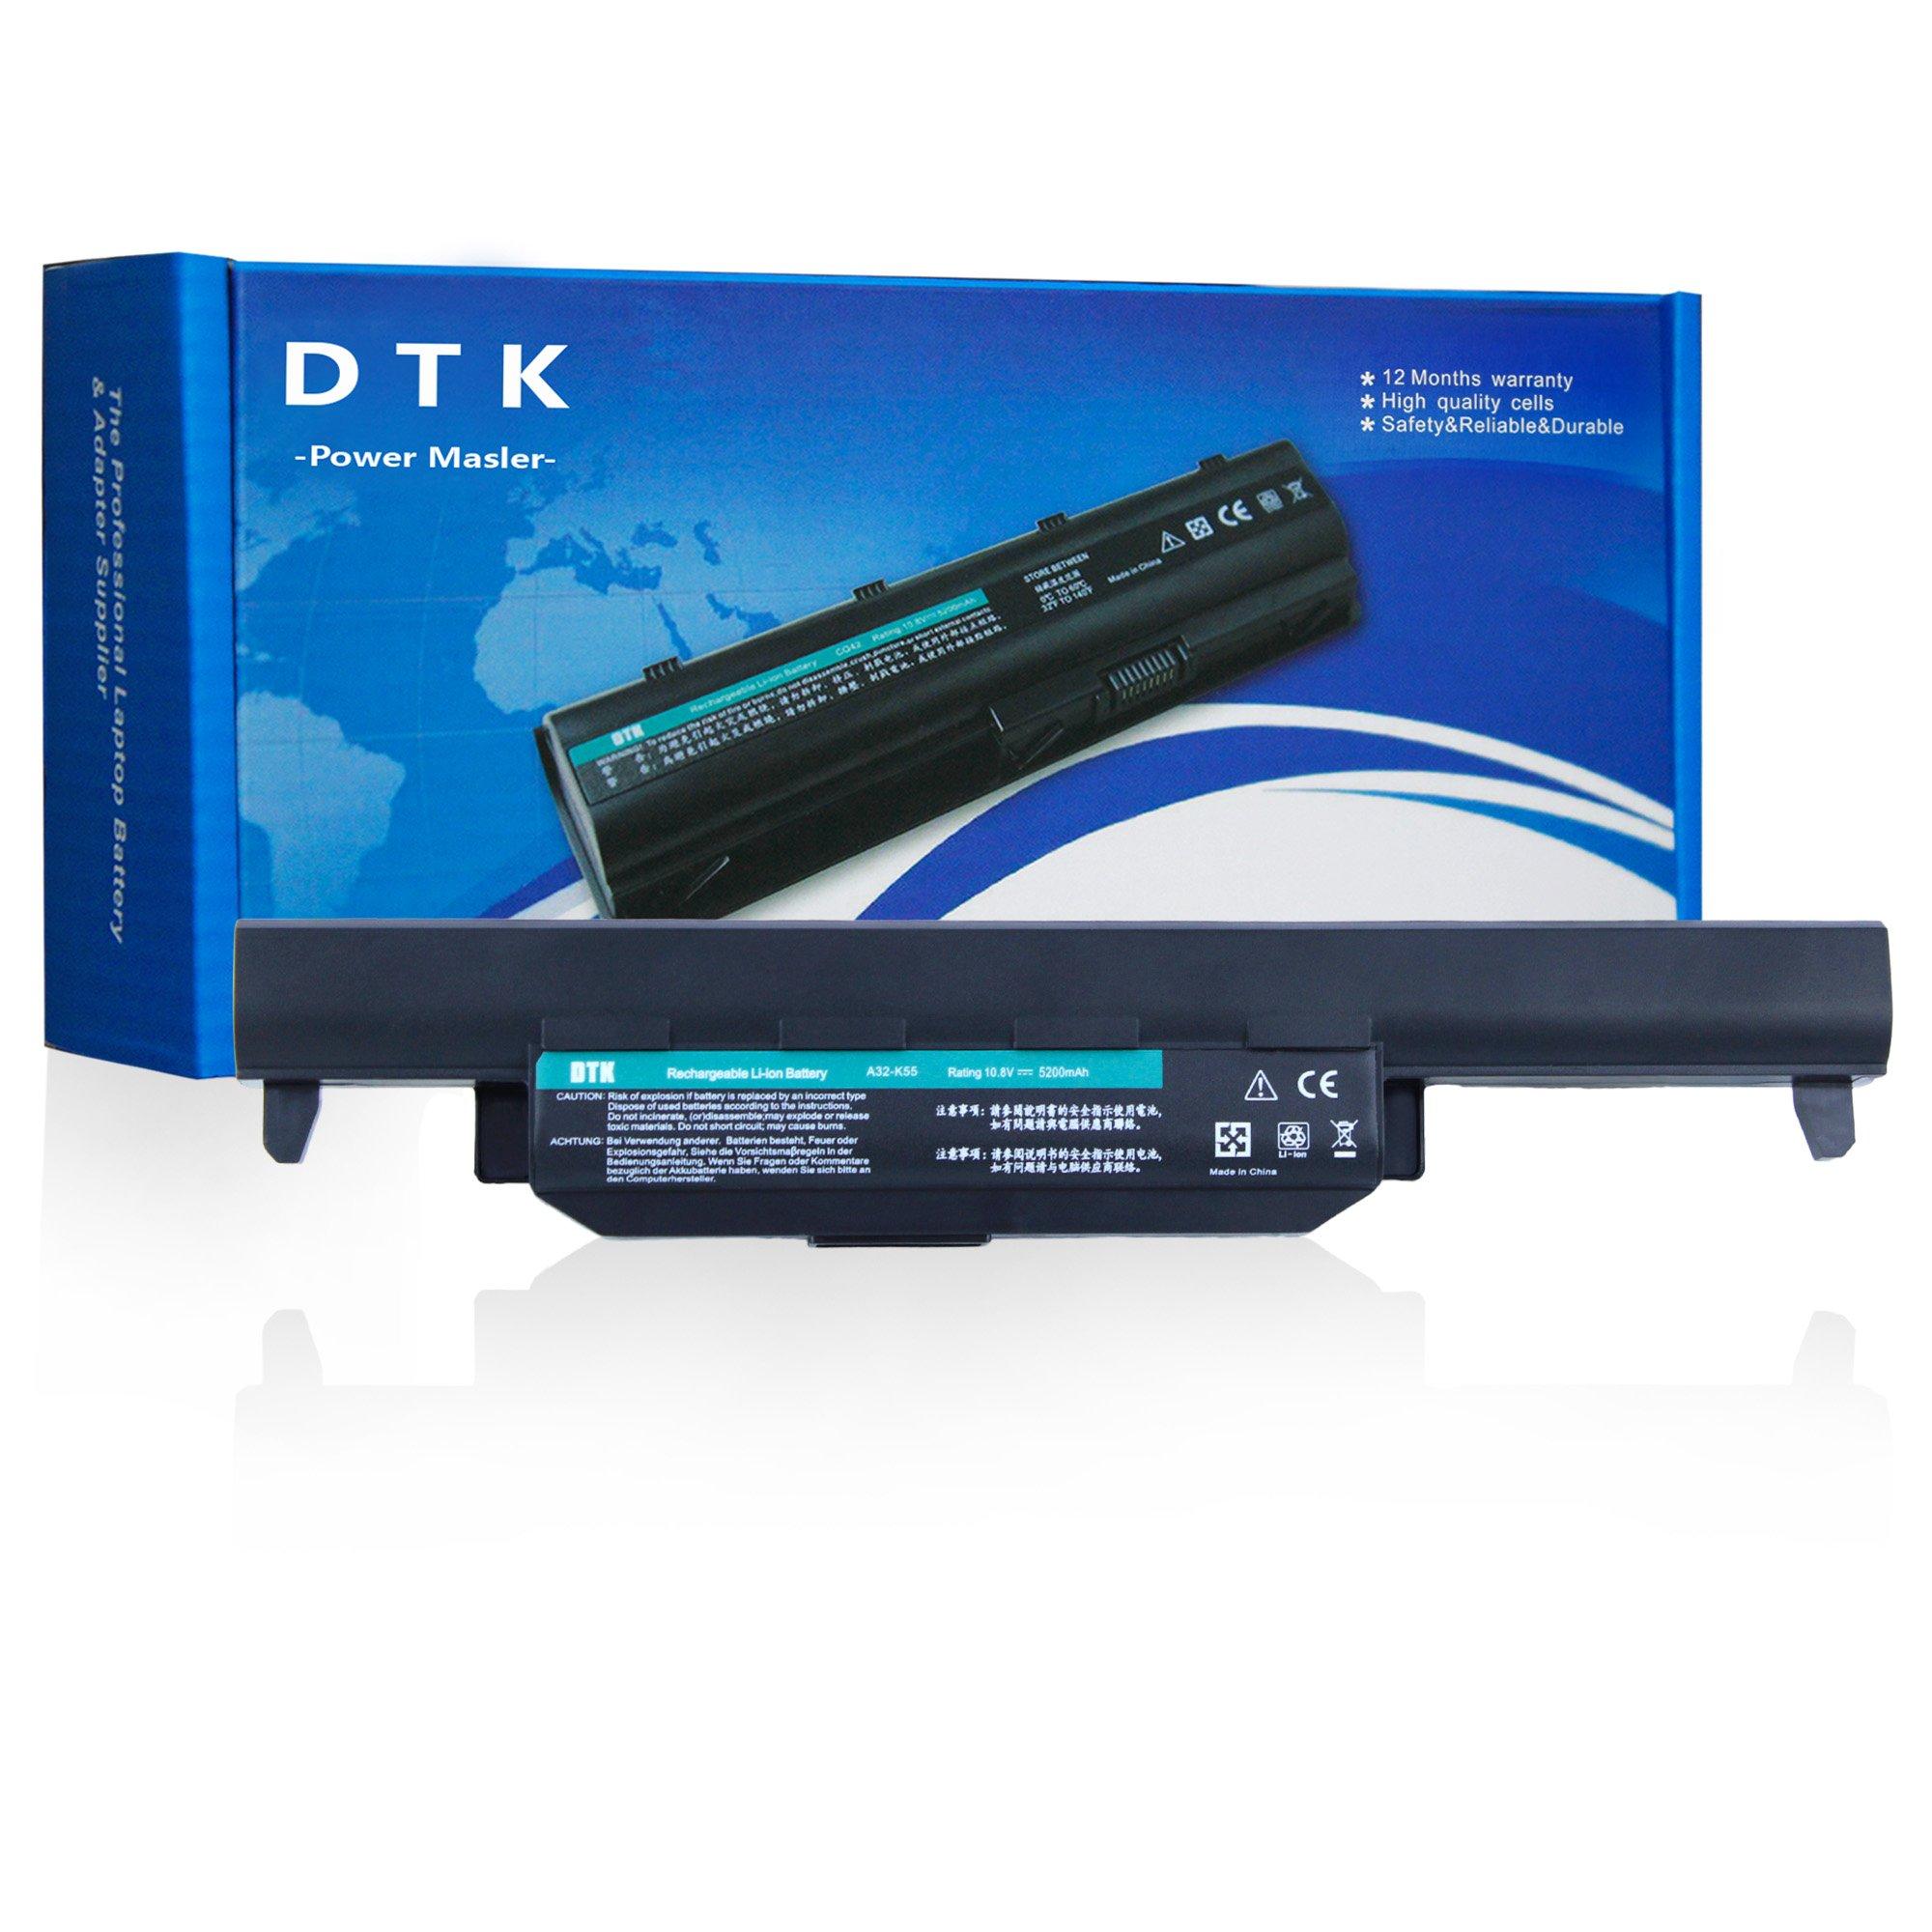 Bateria 10.8V 5200mAh para ASUS R500V A45 A55 A75 K45 K55 K75 R400 R500 R700 U57 X45 X55 X75 Series P/N A32-K55 A33-K55